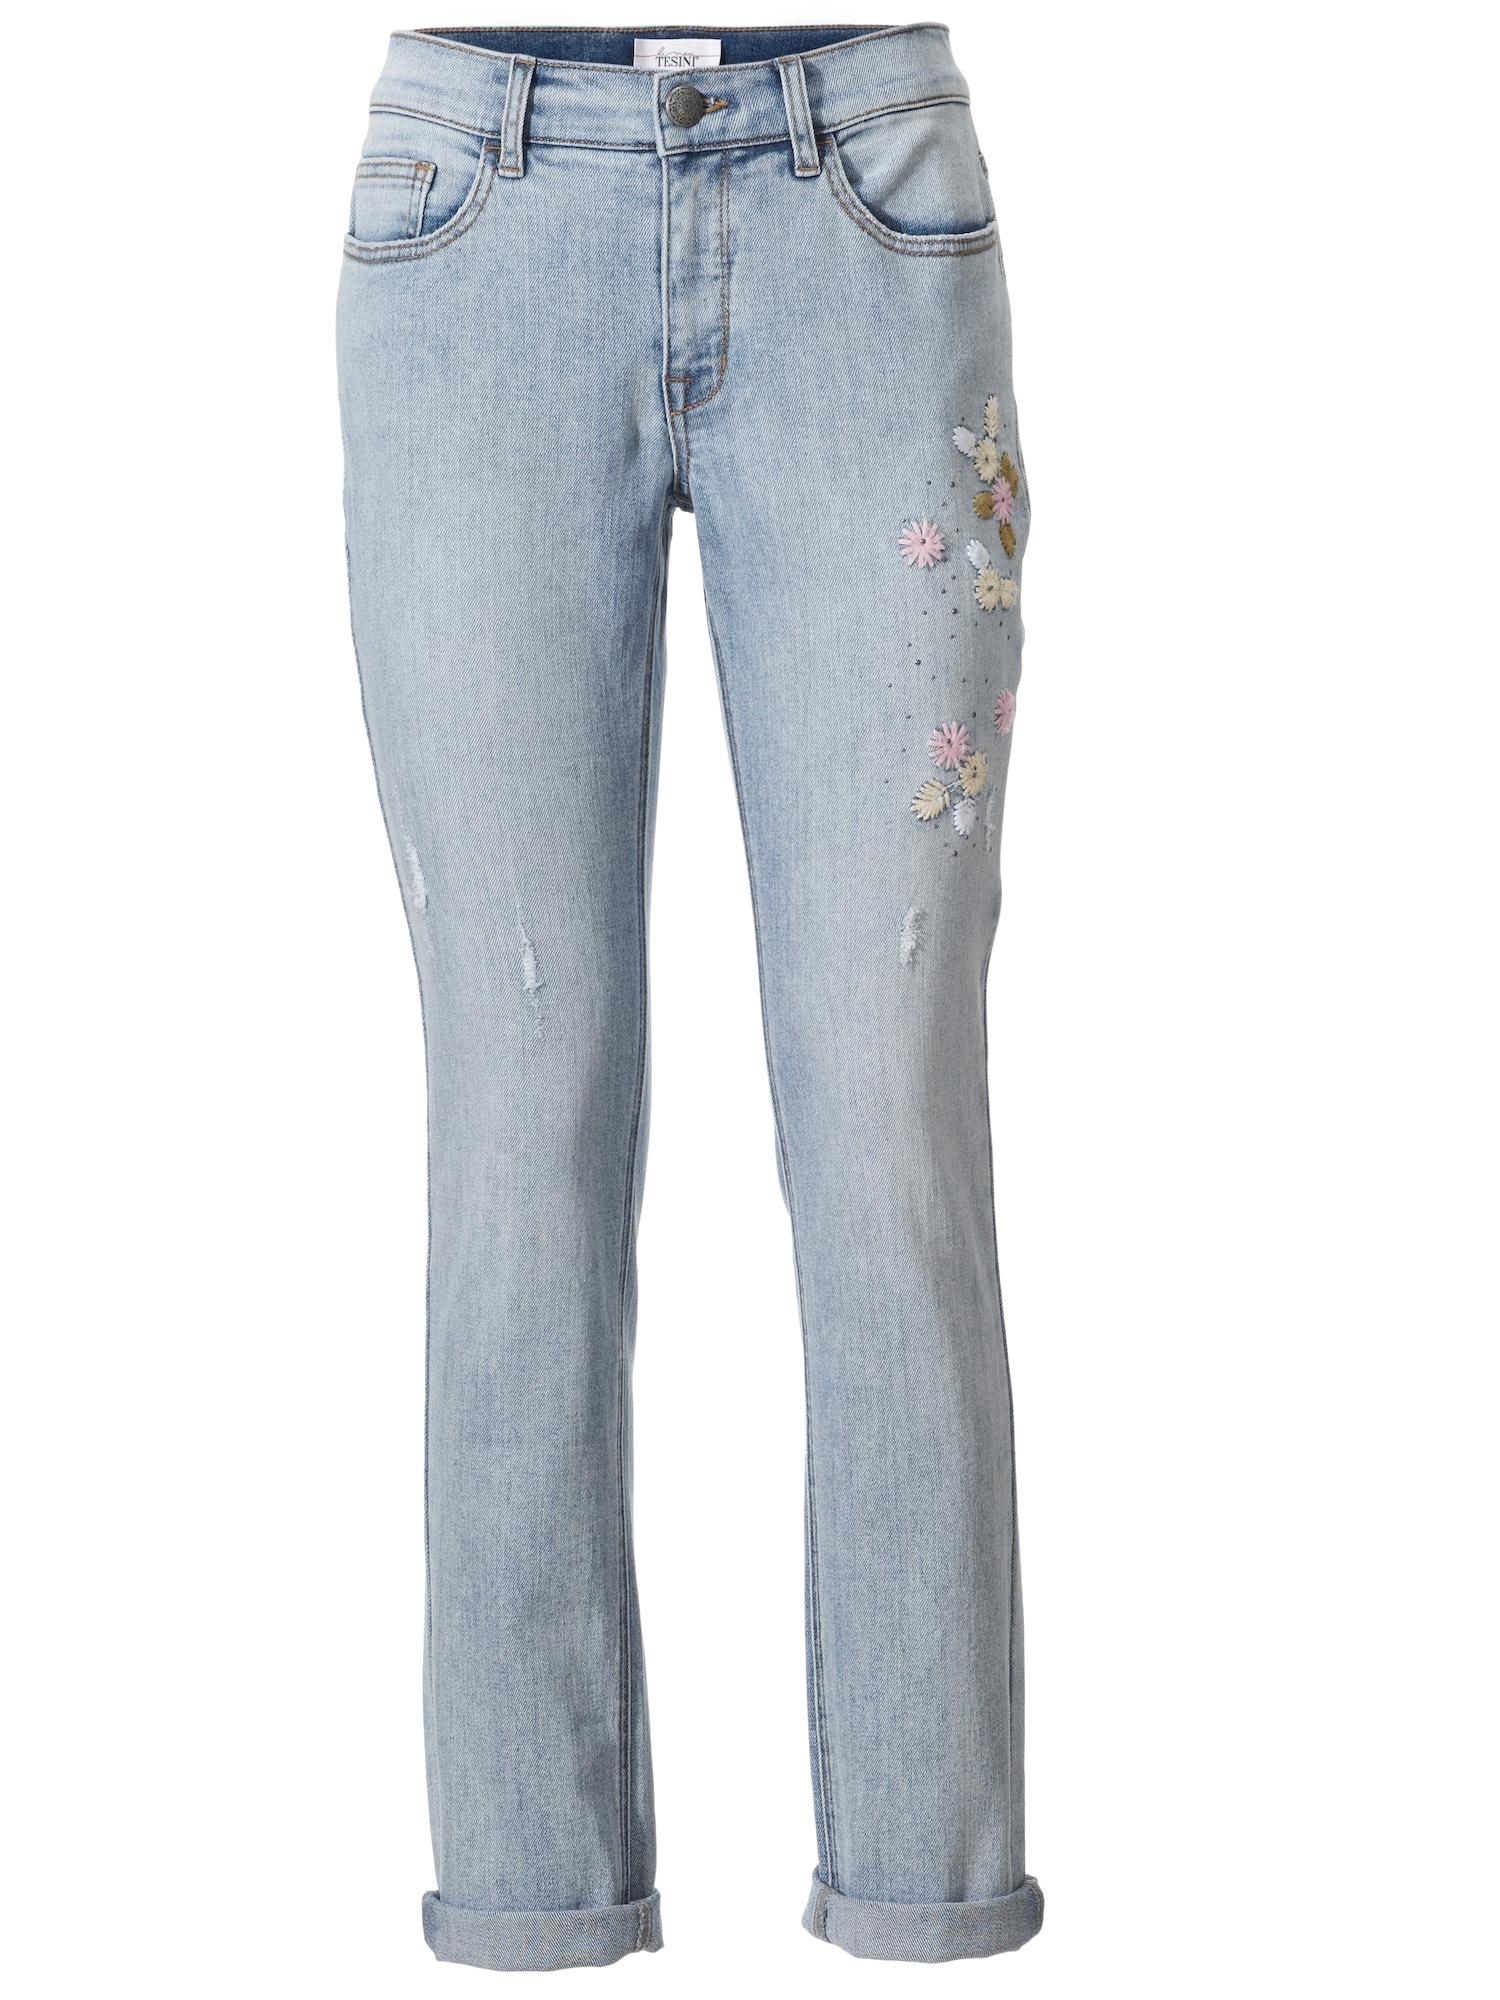 Boyfriend-Jeans | Bekleidung > Jeans > Boyfriend-Jeans | Blue | heine